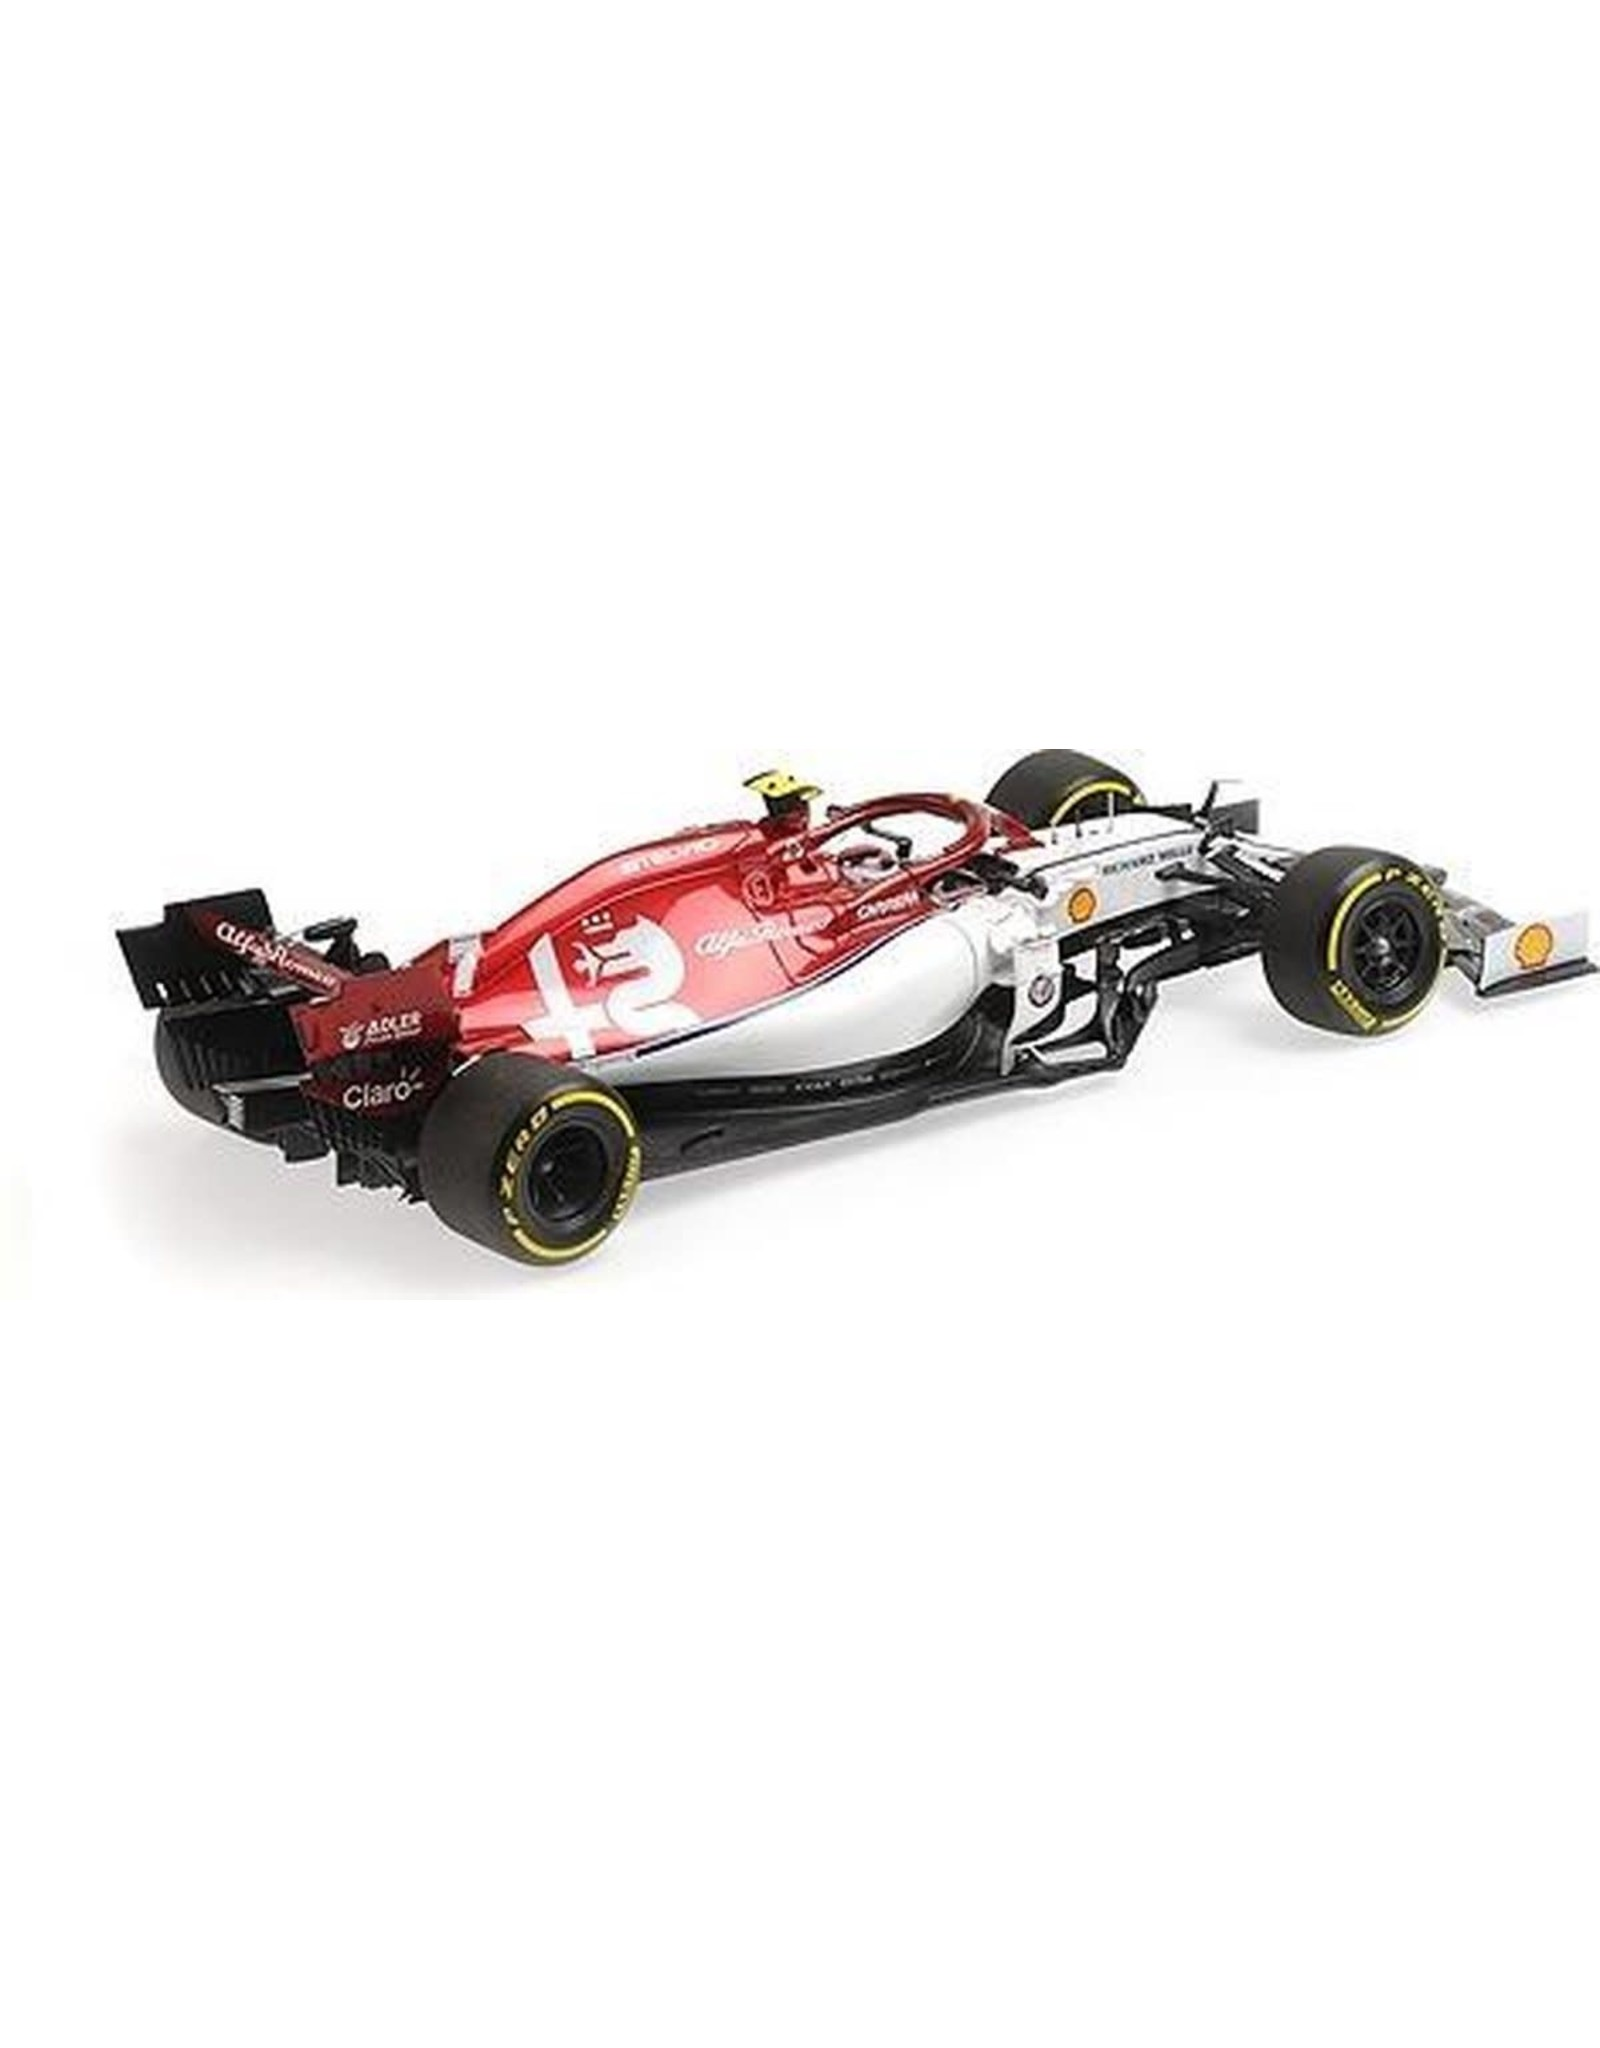 Minichamps 1:18 Alfa Romeo Racing C38 K. Raikkonen 2019